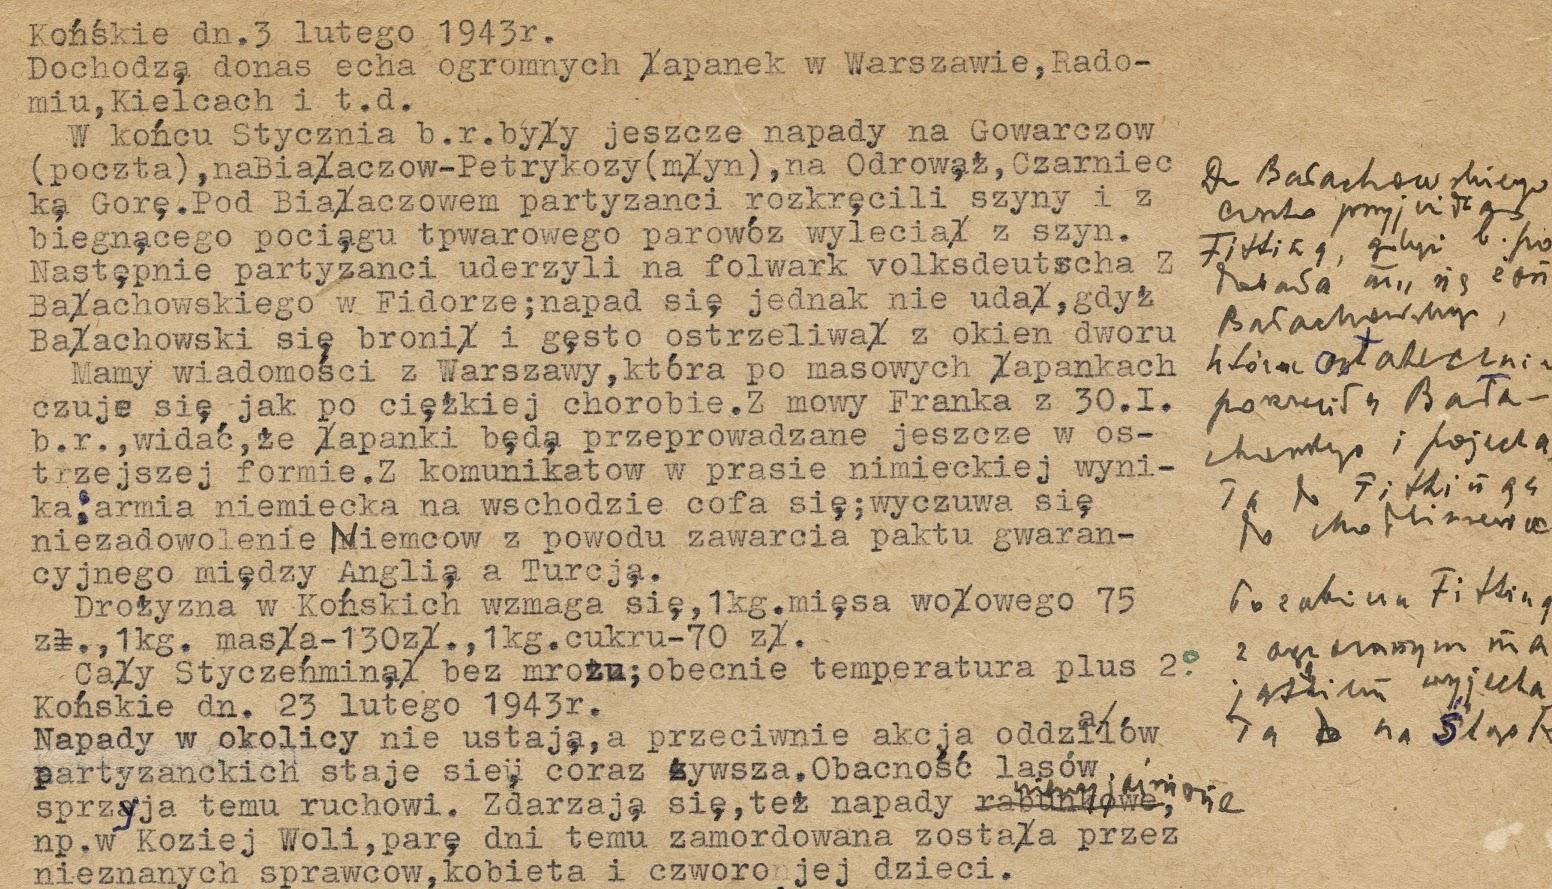 Okupacyjne informacje spisane przez Henryka Seweryna Zawadzkiego (prowadził szczegółowe zapiski). Dokument w zbiorach KW Końskie dn. 3 lutego 1943 r. Następnie partyzanci uderzyli na folwark volksdeutscha Z. Bałachowskiego w Fidorze; napad się jednak nie udał, gdyż Bałachowski się bronił i gęsto ostrzeliwał z okien dworu… Dopisek odręczny po prawej stronie dokumentu: Do Bałachowskiego często przyjeżdżał Fitting, gdyż b. podobała mu się żona Bałachowskiego, która ostatecznie porzuciła Bałachowskiego i pojechała do Fittinga do Modliszewic. Po zabiciu Fittinga z ogromnym majątkiem wyjechała na Śląsk.